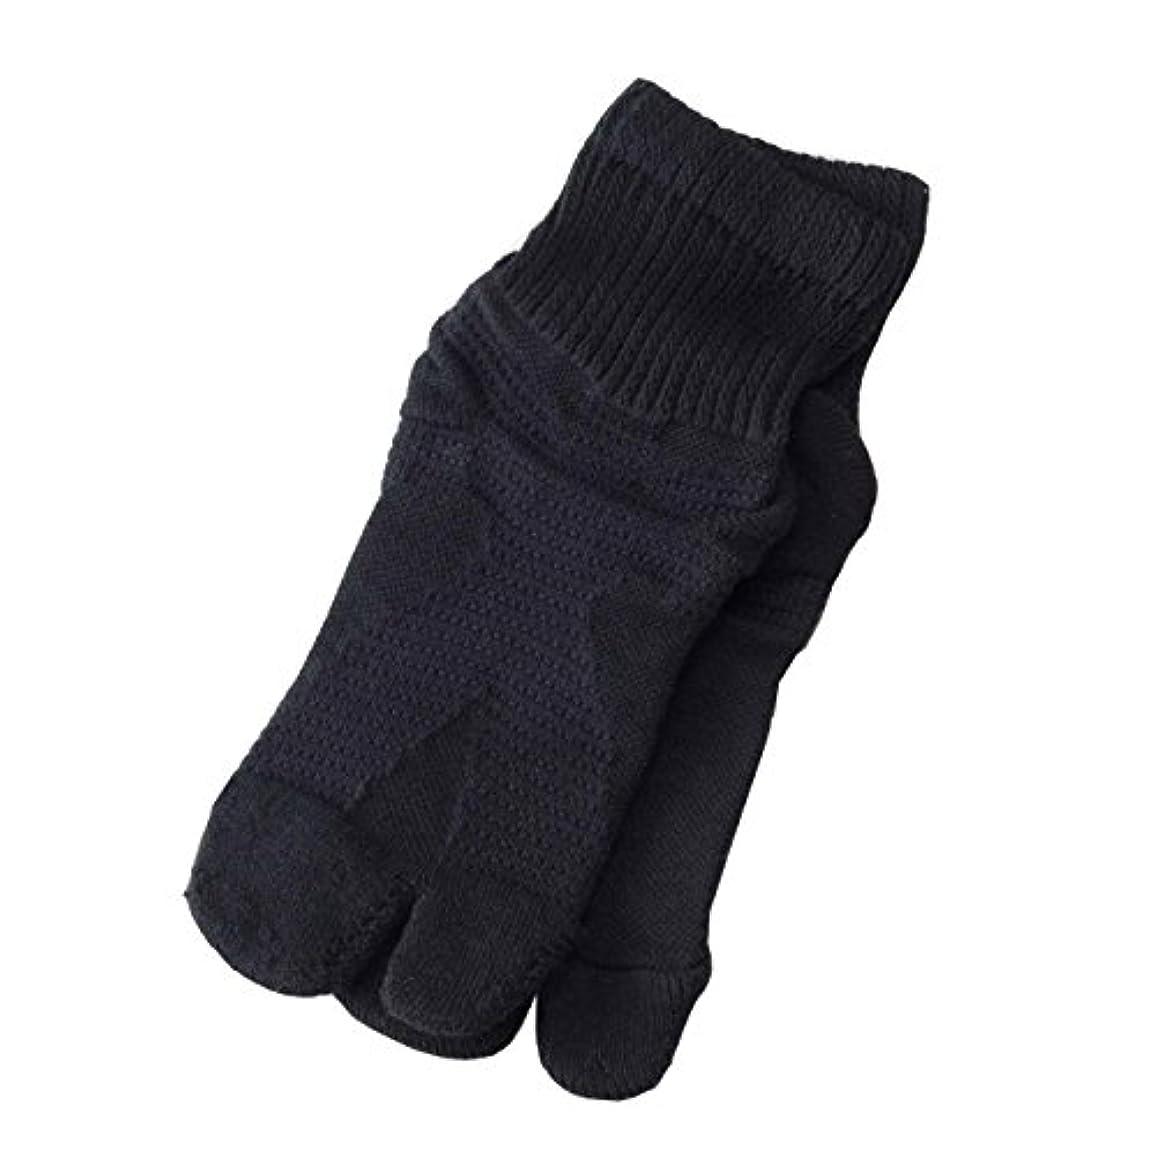 条件付き富豪スリム【日本製】歩行サポート足袋ソックス (ブラック, 23~25cm)